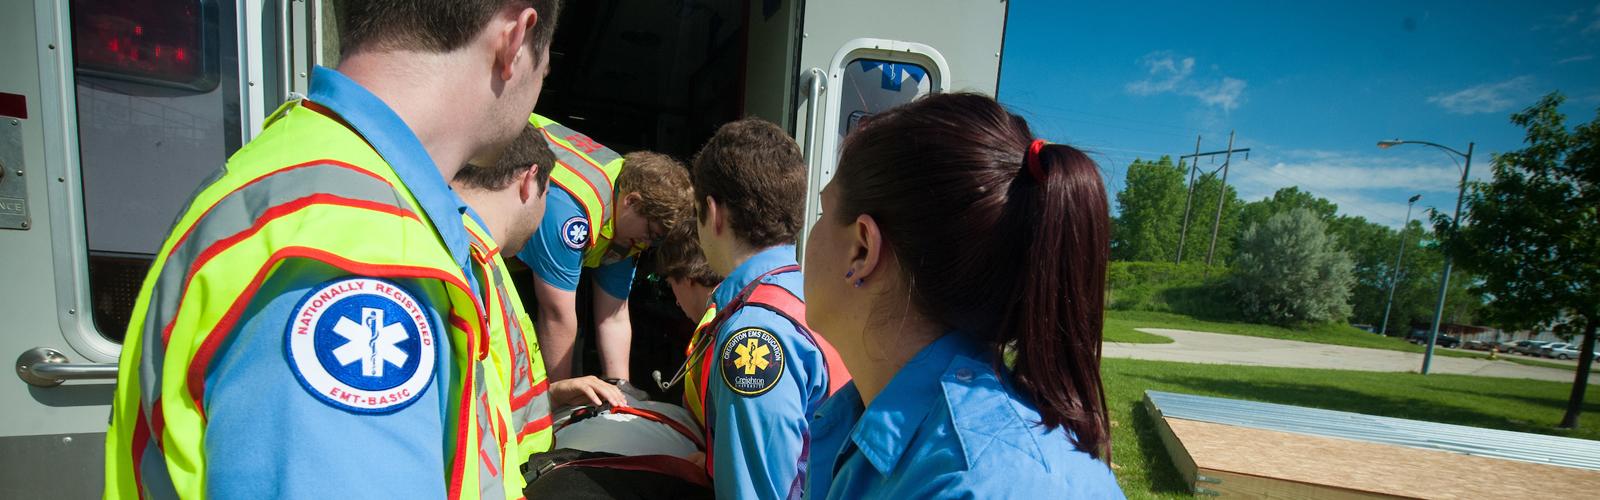 EMT course at Creighton